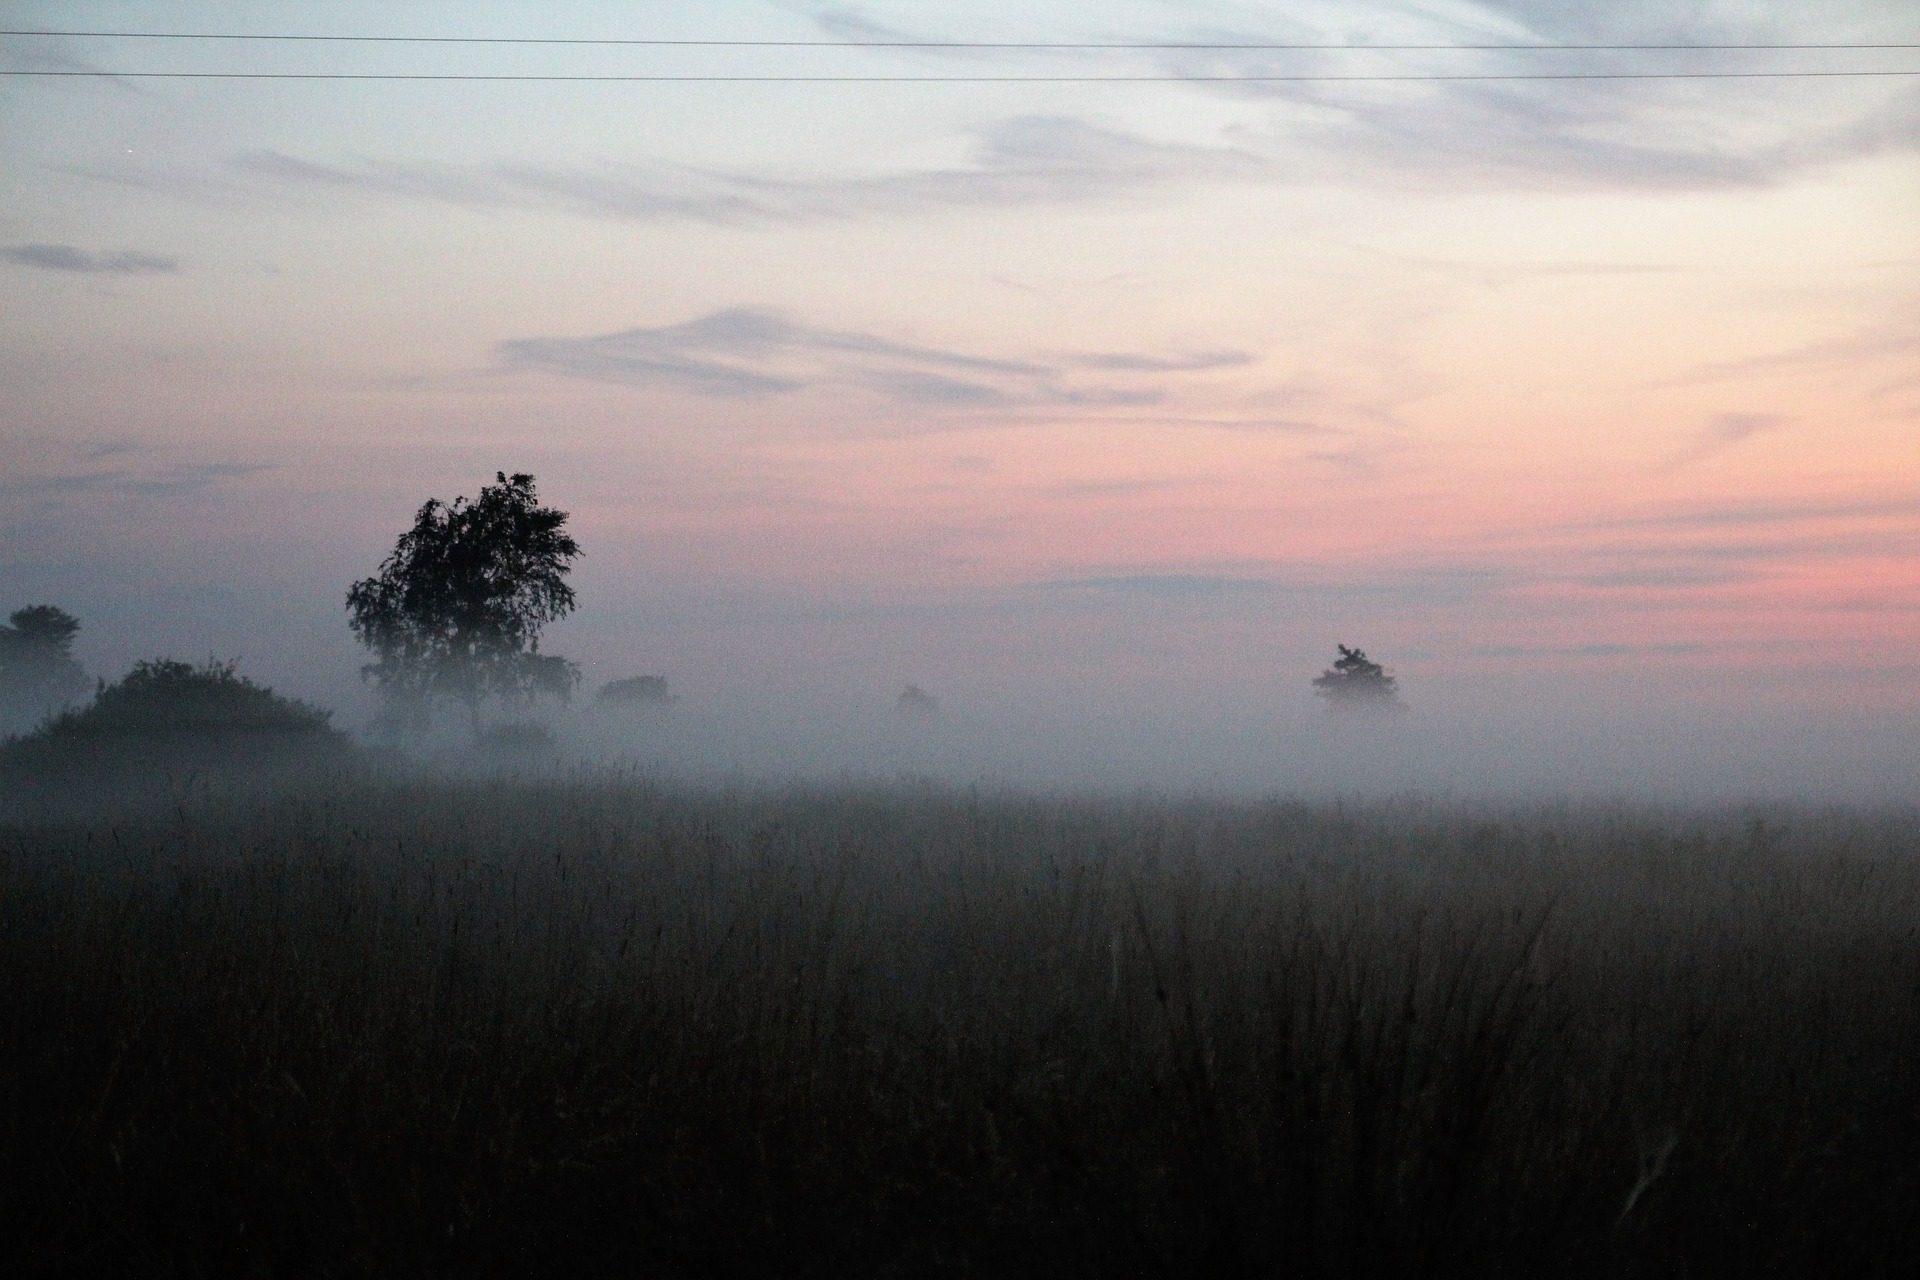 Vale, sem formatação, campo, árvores, nevoeiro, amanhecer - Papéis de parede HD - Professor-falken.com